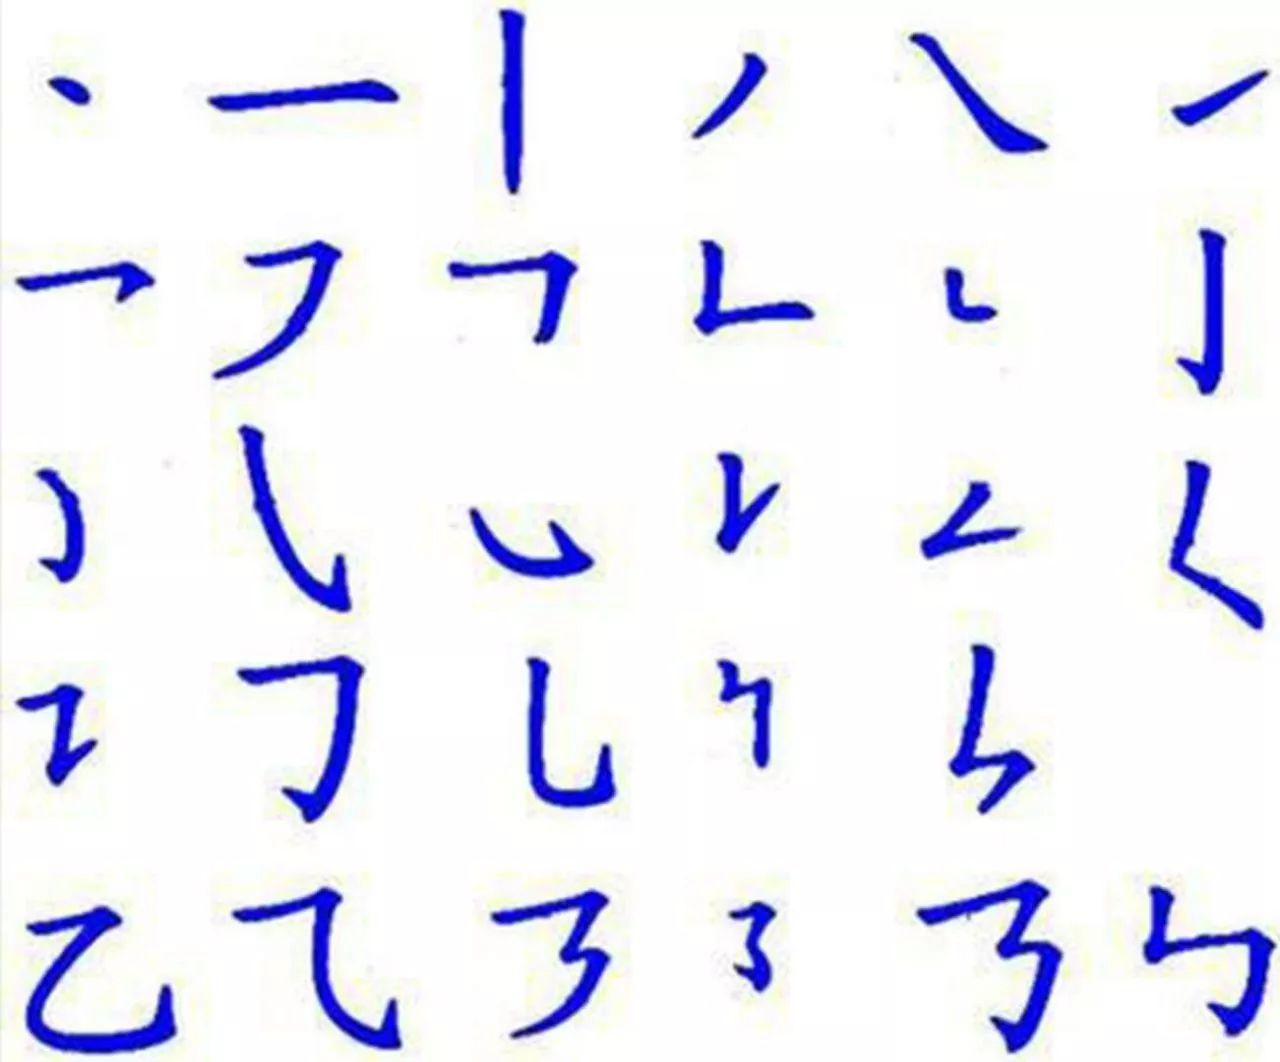 练字问答 如何短时间内使自己的字看起来更舒服